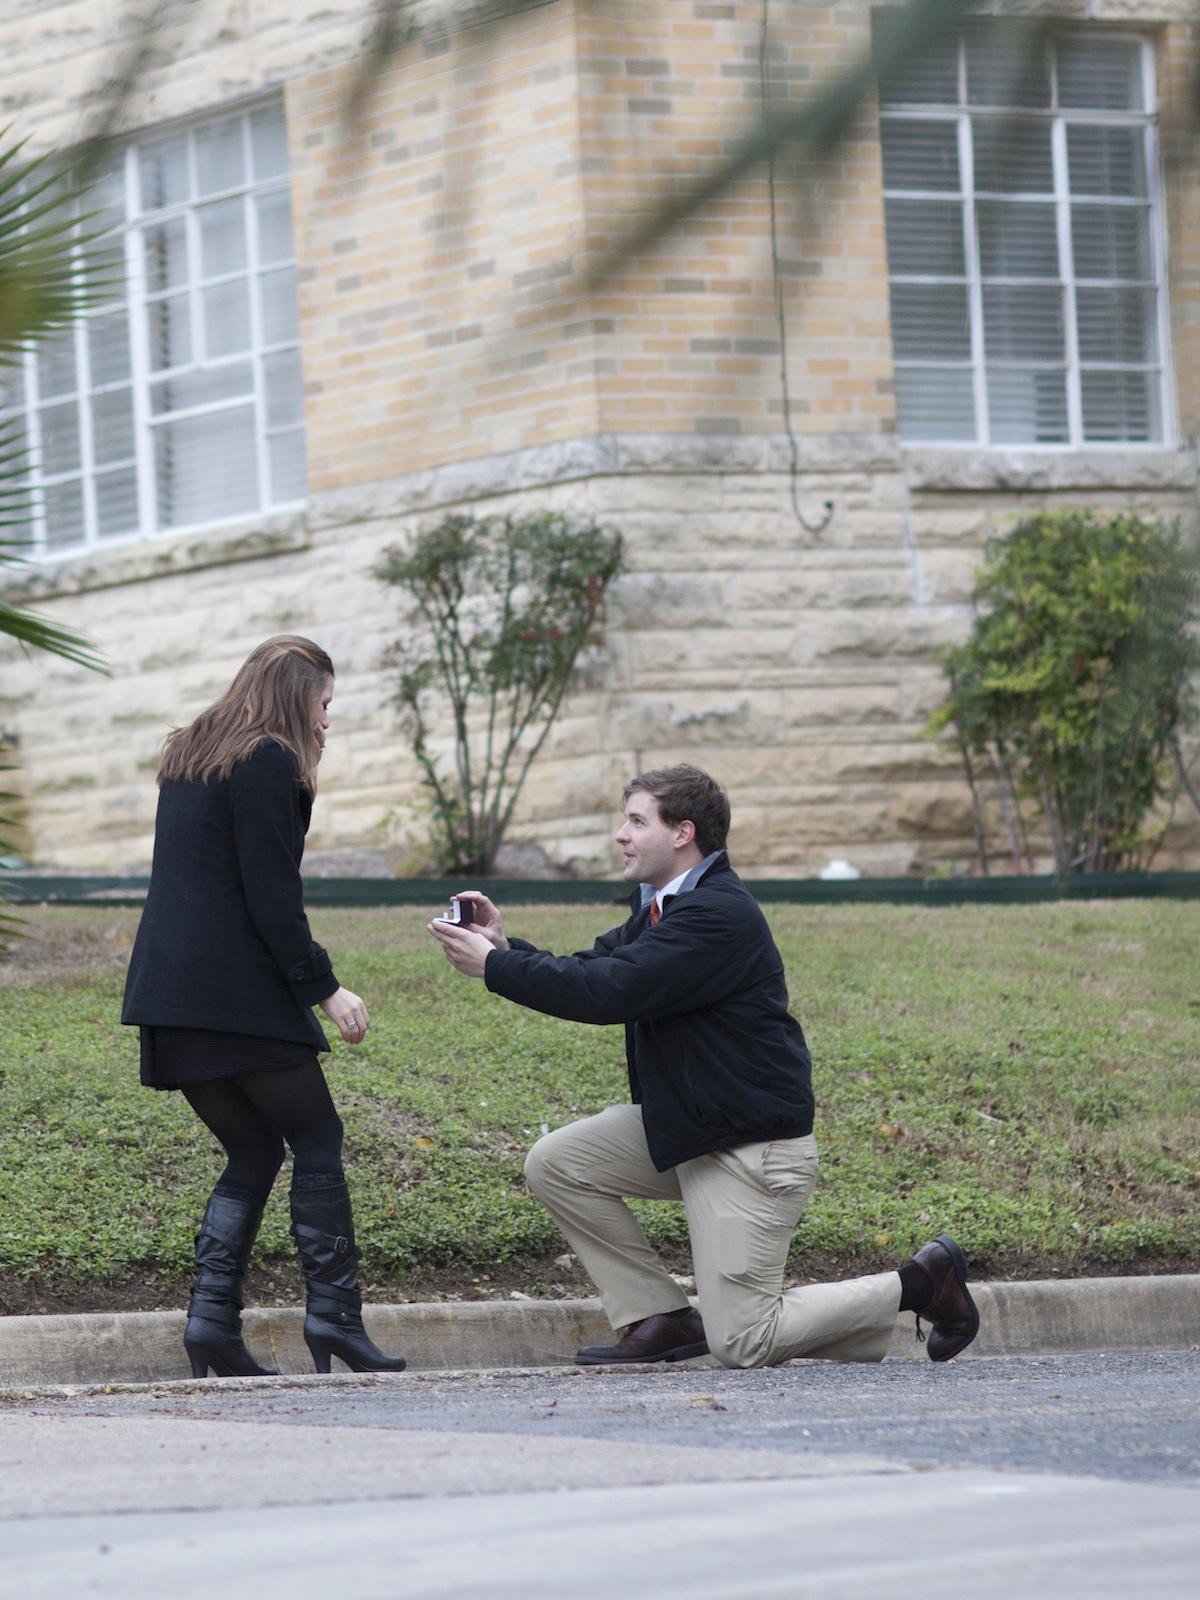 liz_matt_engagement_photography_austin_texas_photographer-3.jpg